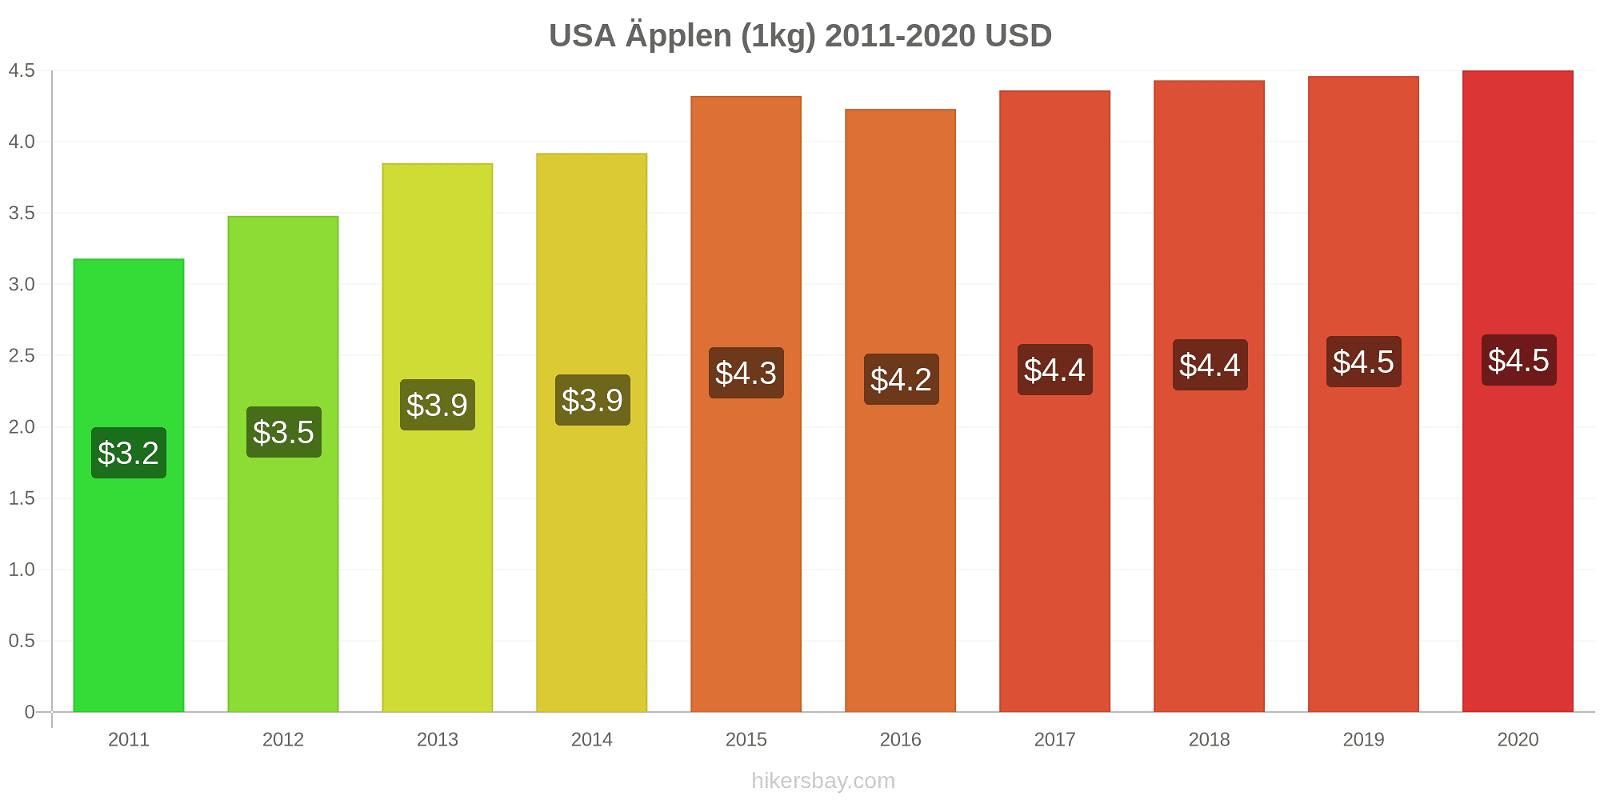 USA prisförändringar Äpplen (1kg) hikersbay.com